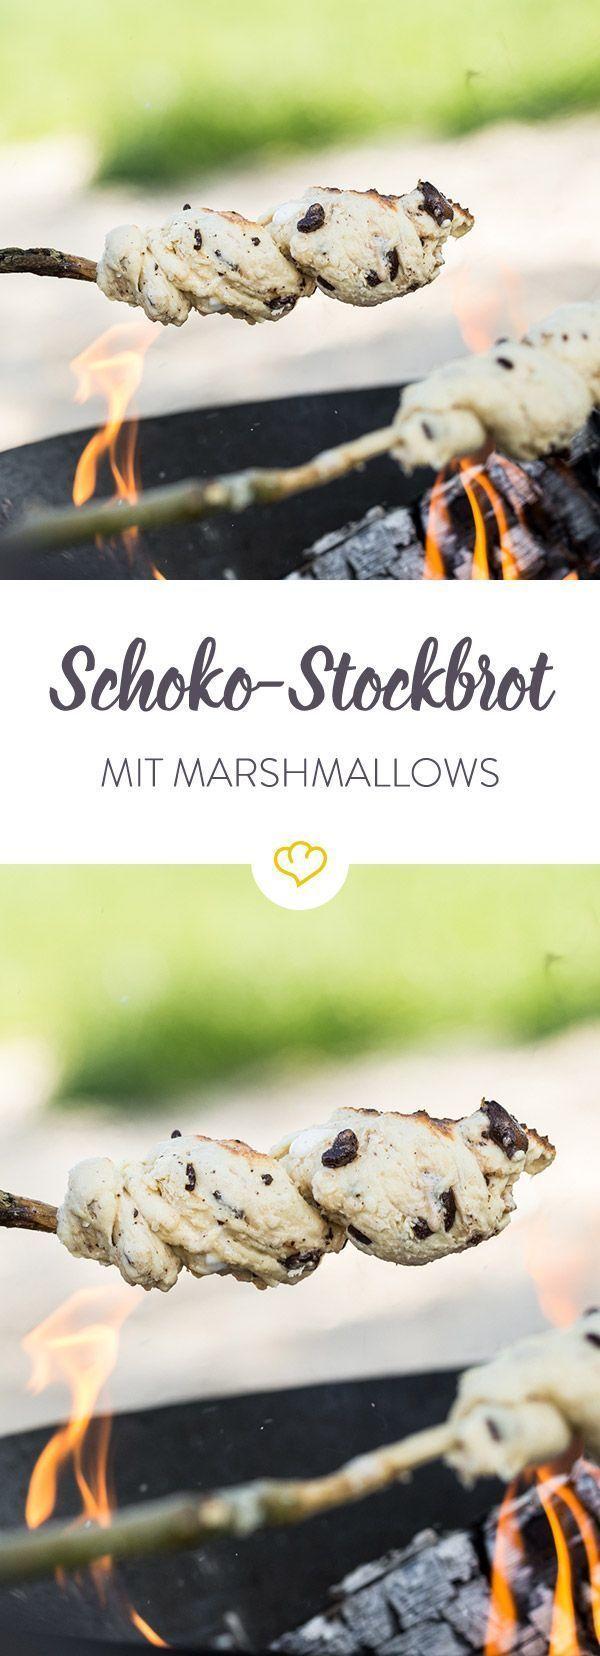 Grillspeise: Stockbrot mit Marshmallows und Schokolade   - Es wird angegrillt! | Barbecue -